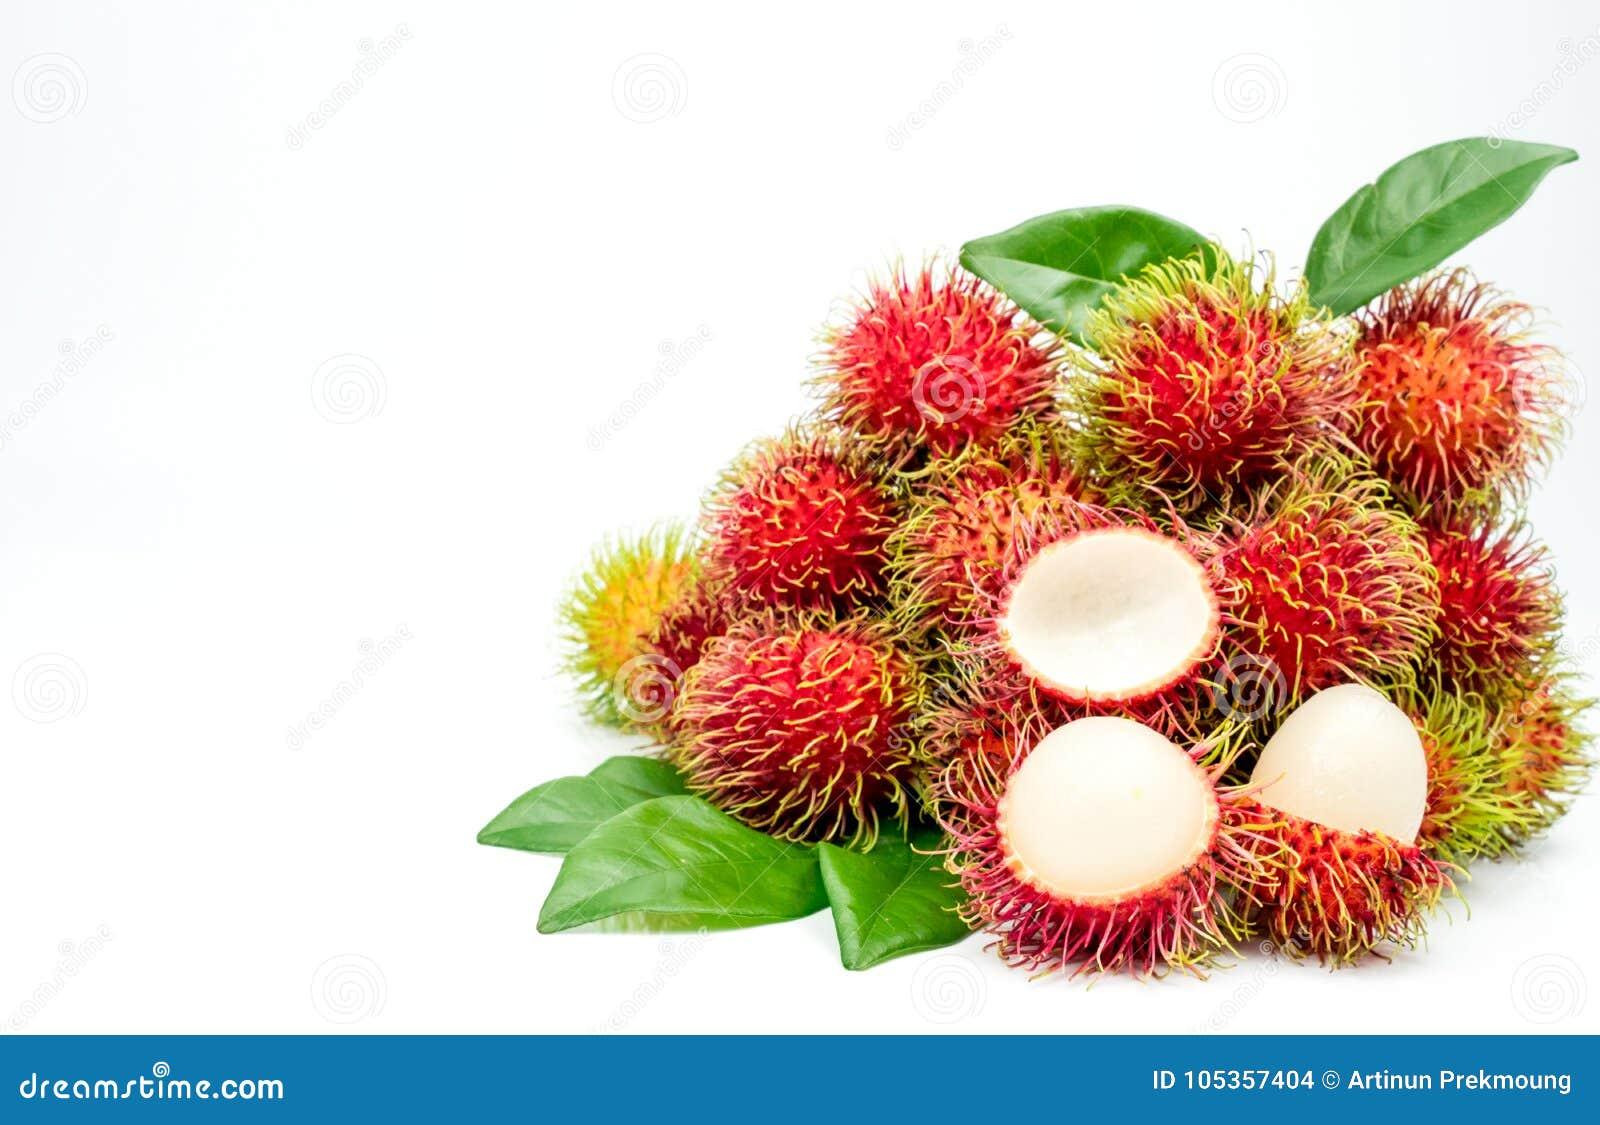 Nahaufnahme frischen roten reifen Rambutan Nephelium lappaceum